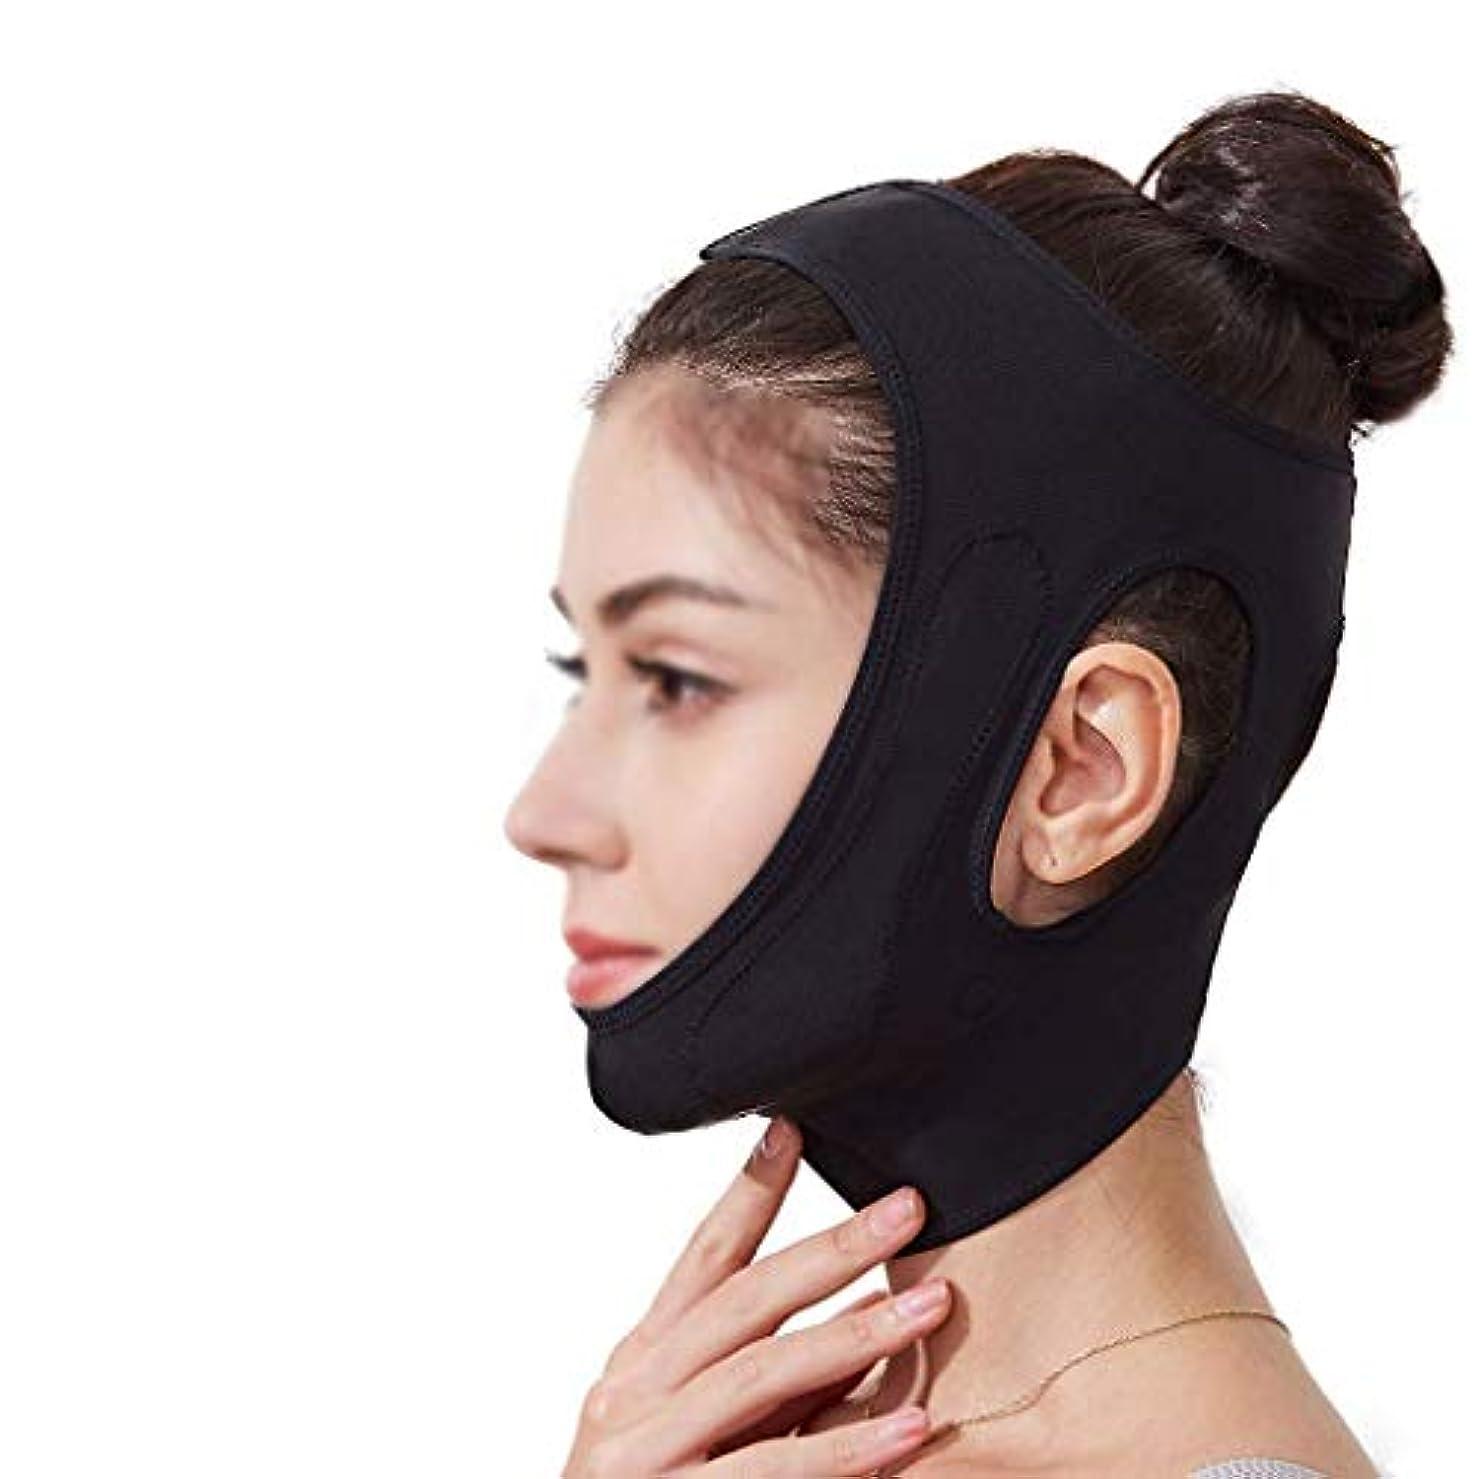 実際の貞生むフェイスリフティングバンデージ、顔の頬V字型リフティングフェイスマスクしわの軽減ダブルチン快適な包帯で小さなVフェイスを作成(色:黒)